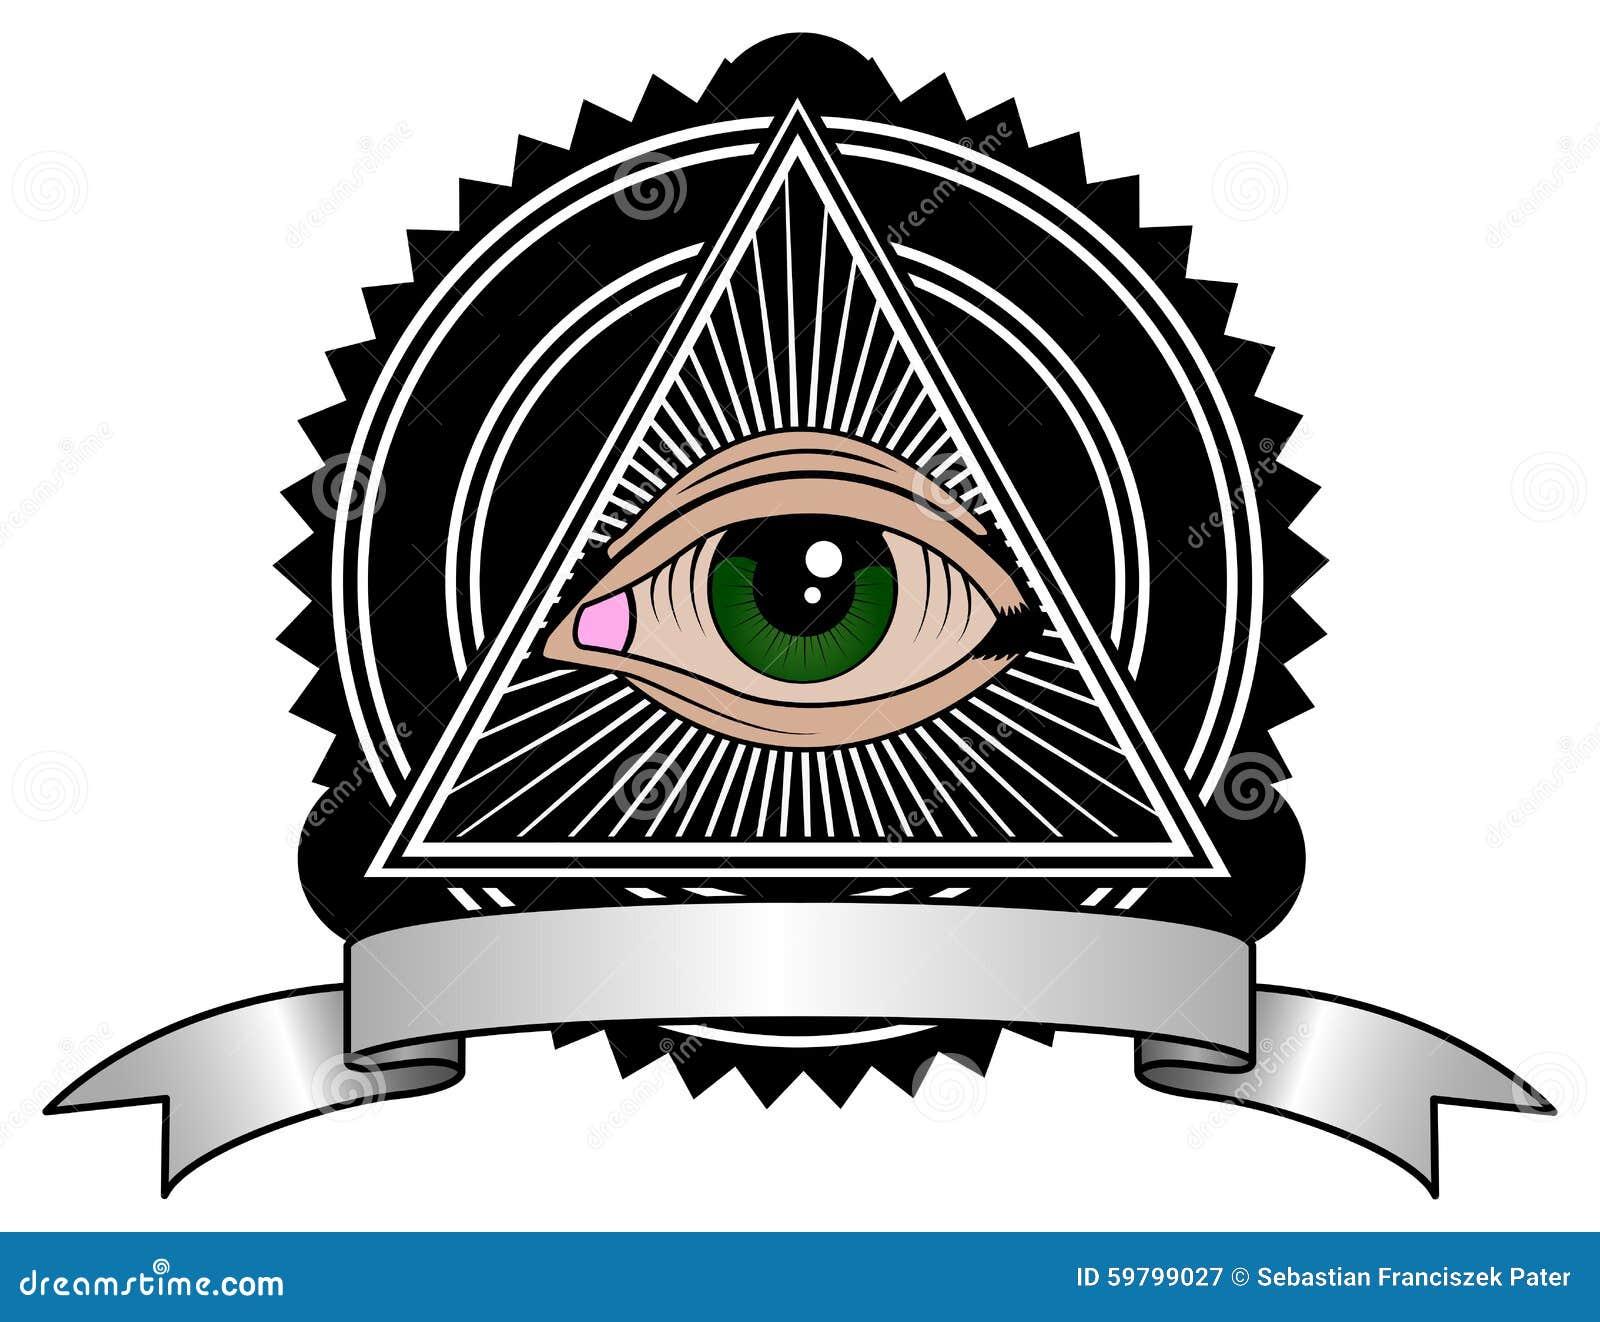 Illuminati New World Order Symbols